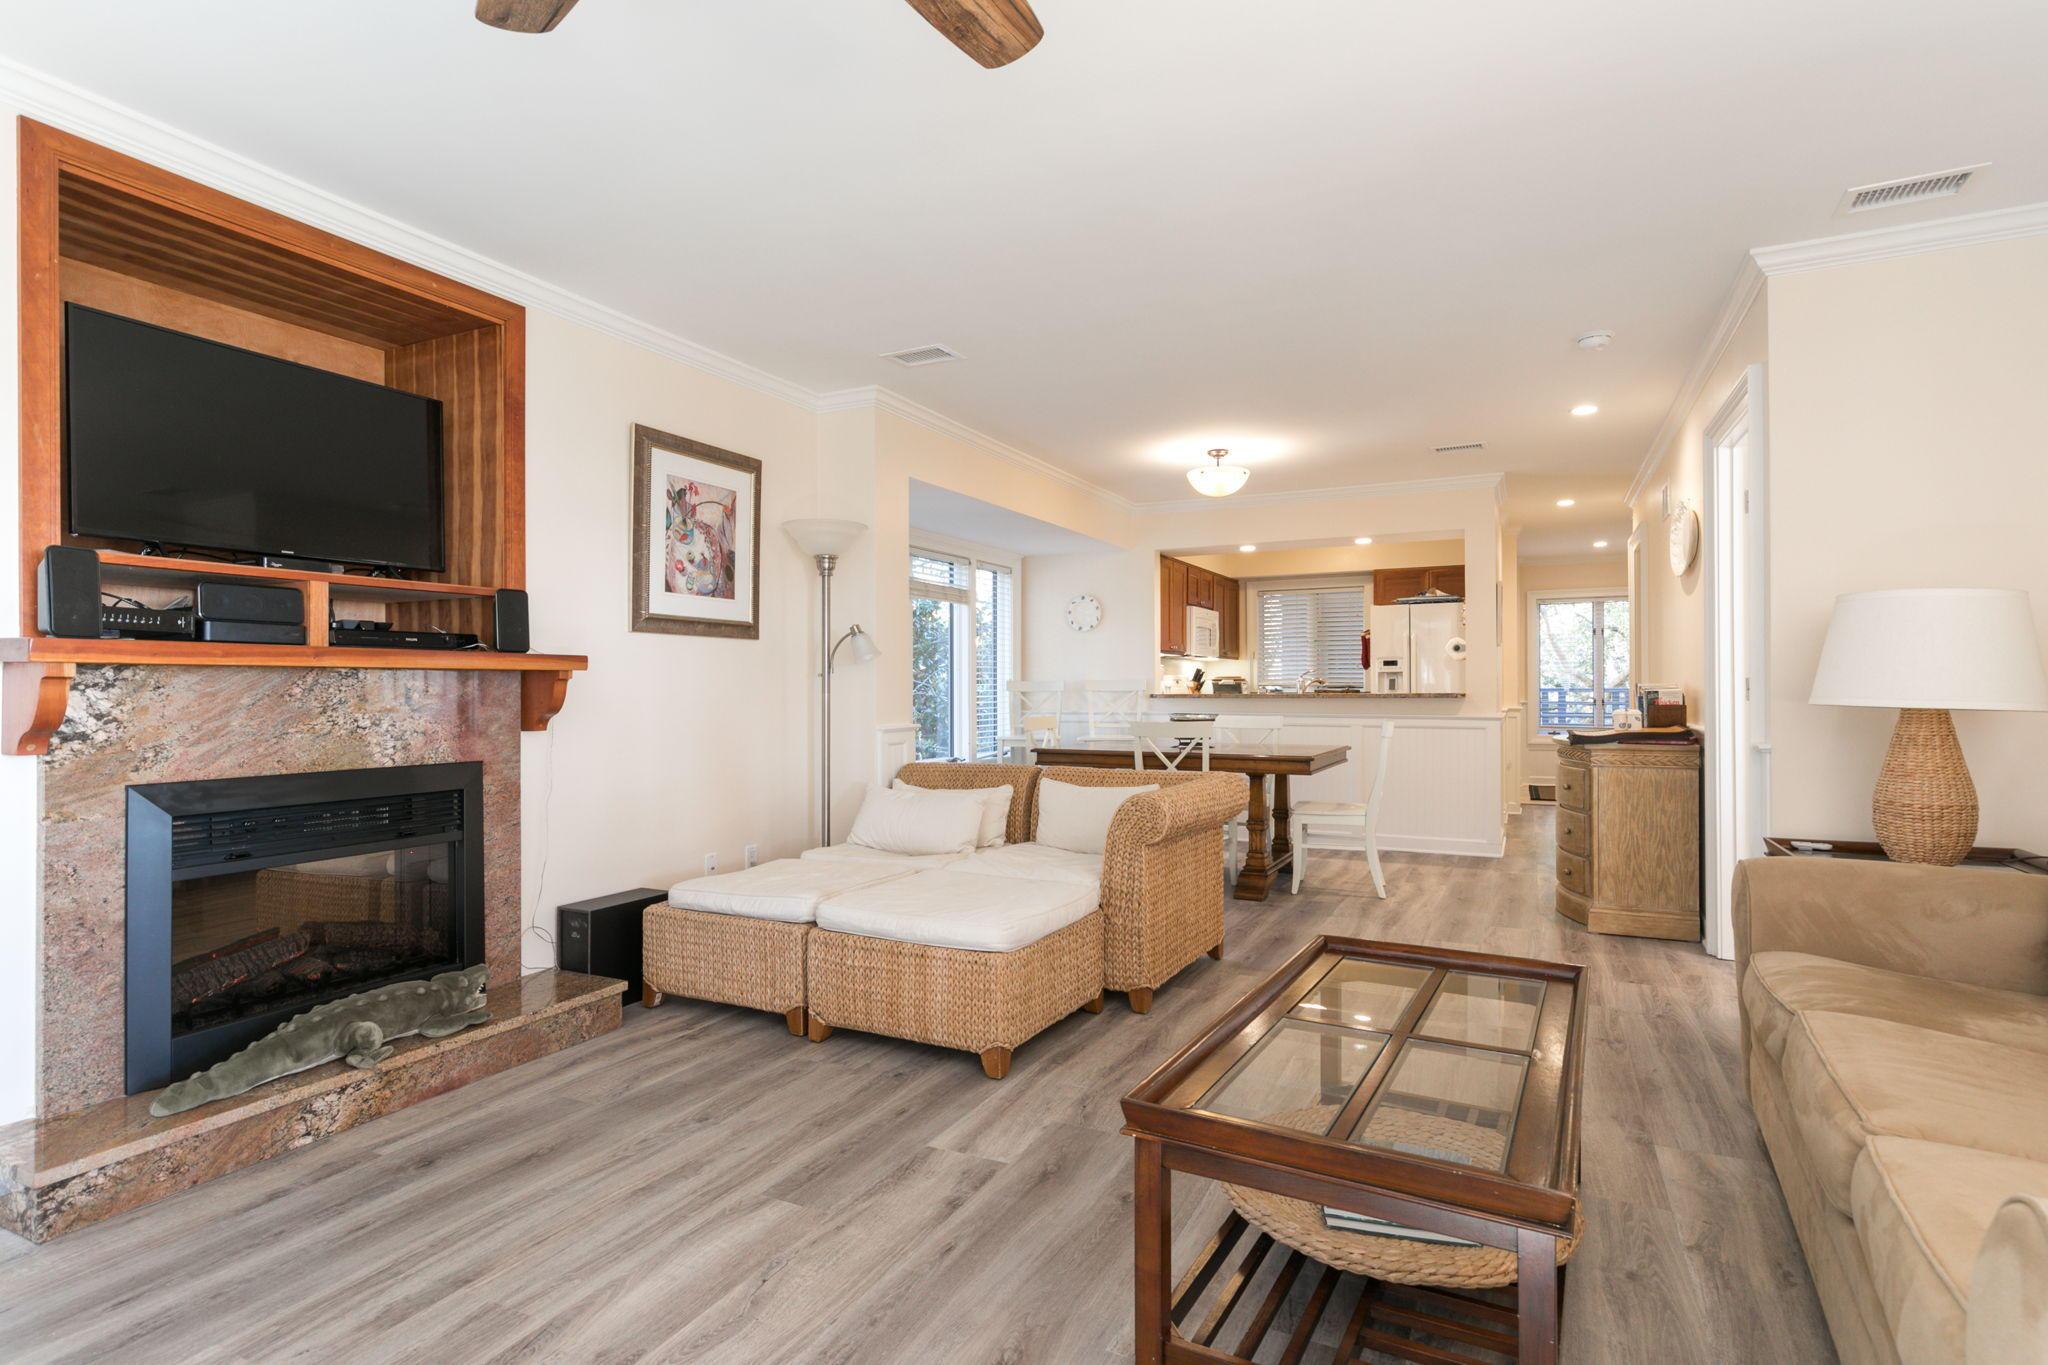 Kiawah Island Homes For Sale - 4416 Sea Forest, Kiawah Island, SC - 30